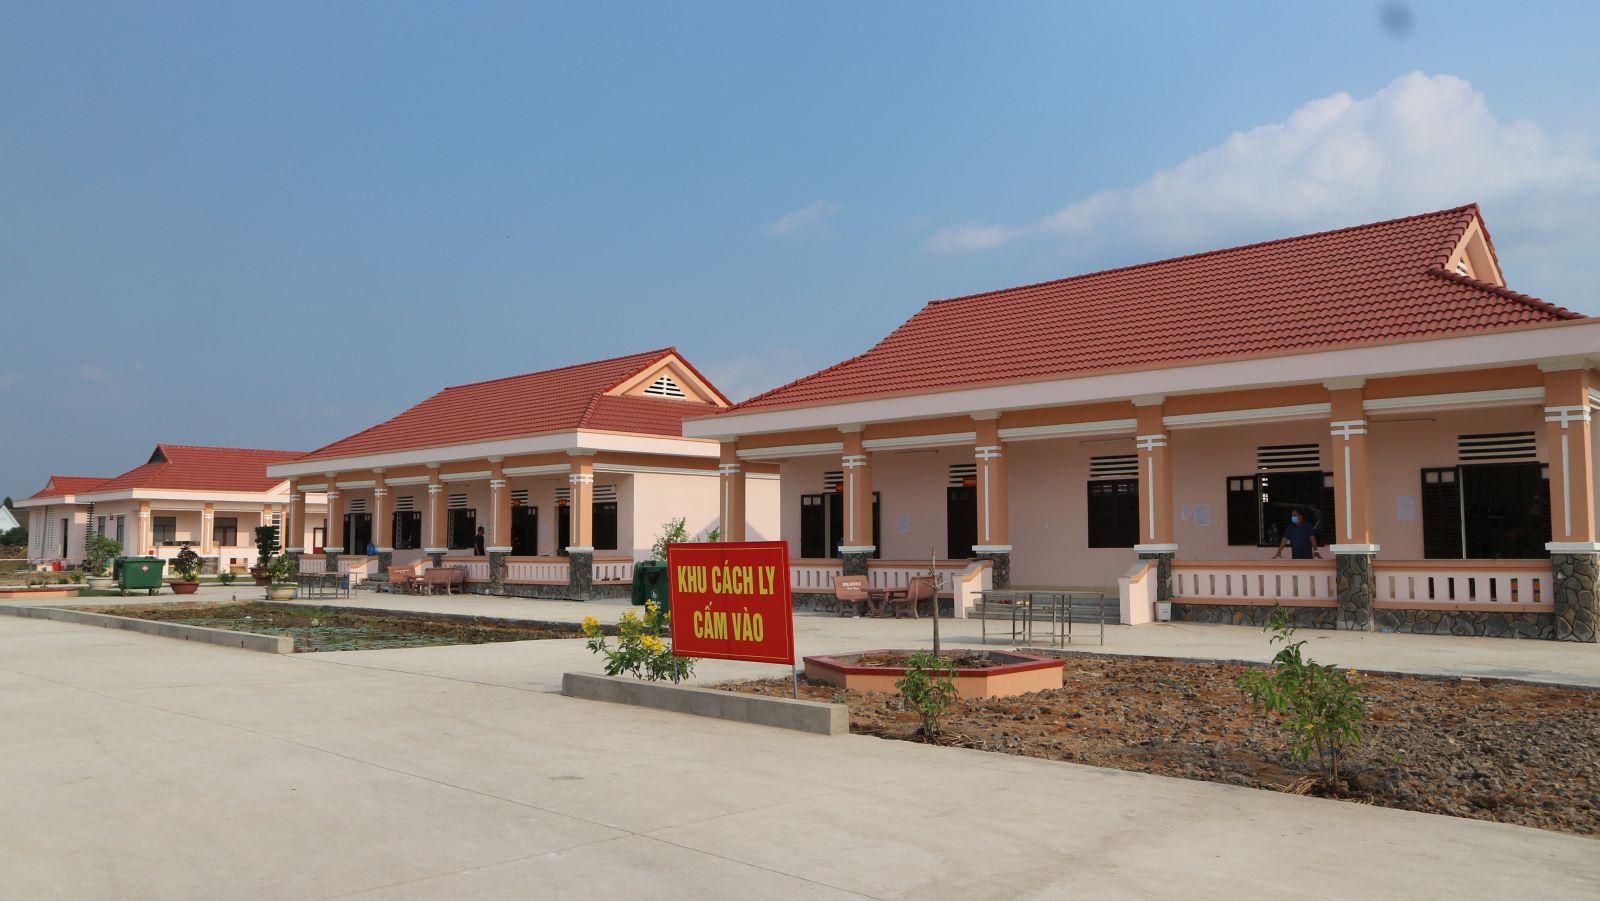 Khu vực cách ly tại cơ sở cách ly số 2 (huyện Mộc Hóa)